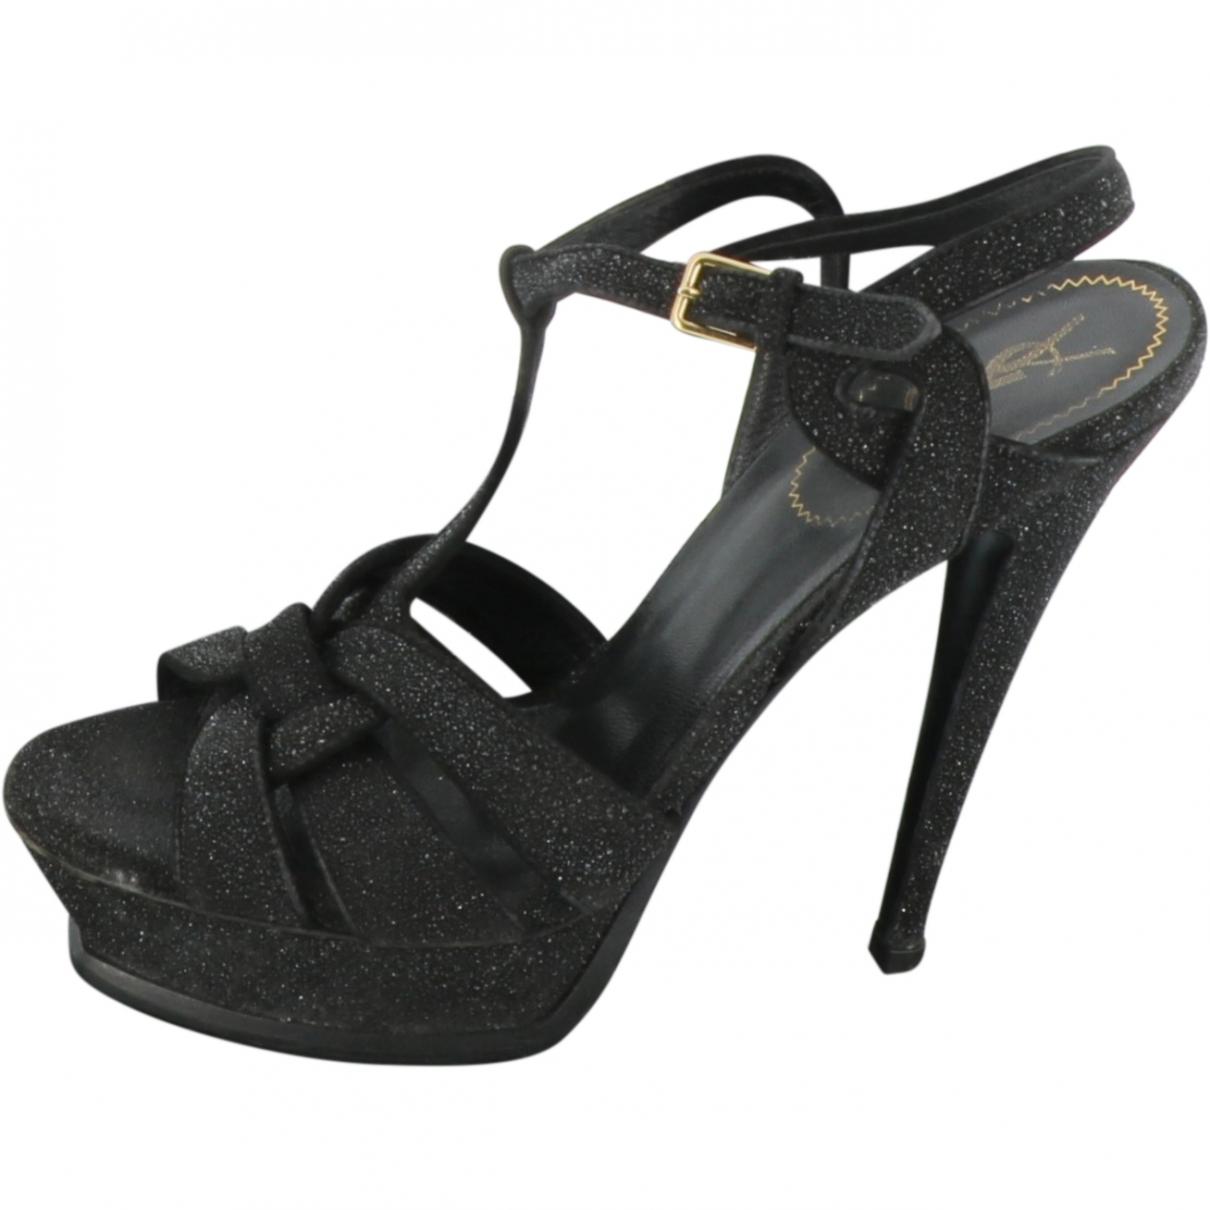 Yves Saint Laurent Tribute Black Suede Sandals for Women 40 EU